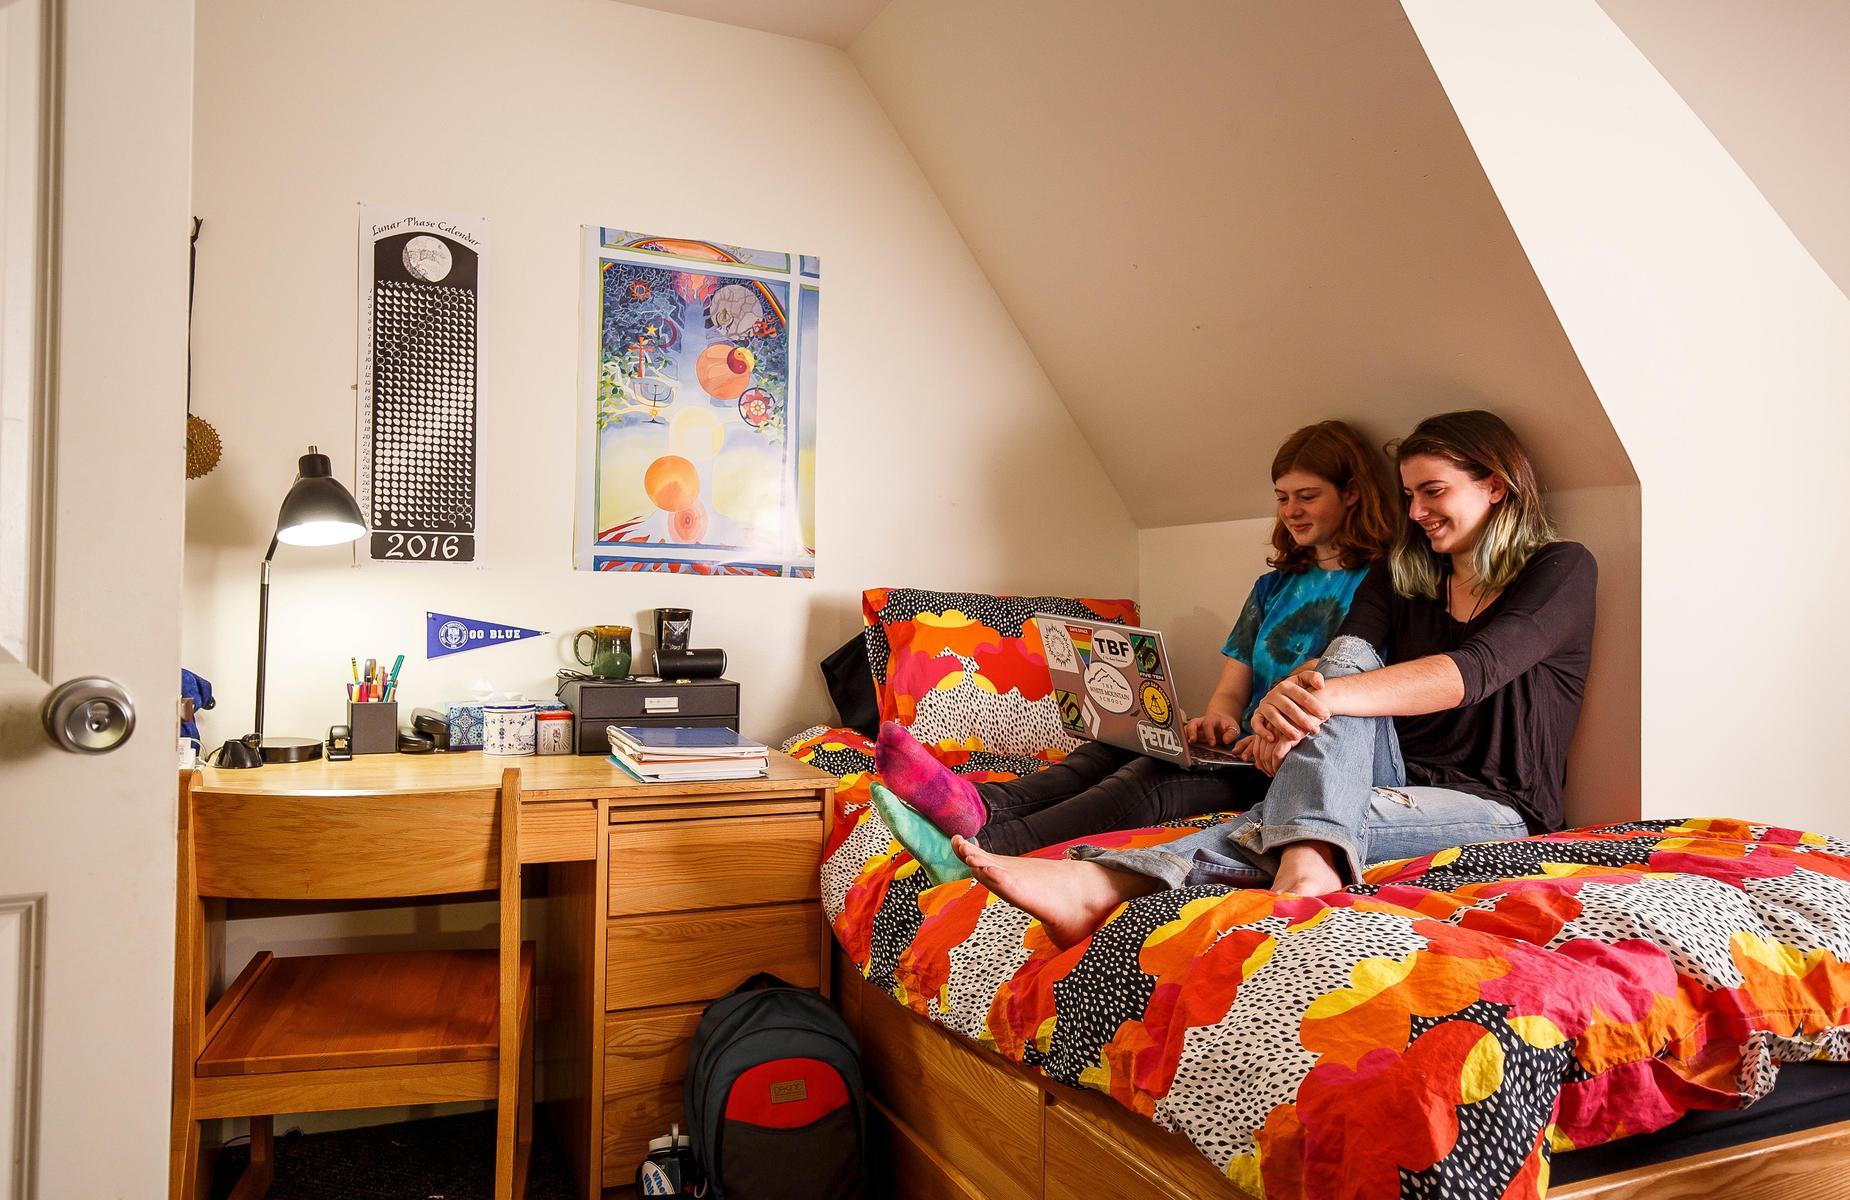 两个学生在宿舍里看电影.